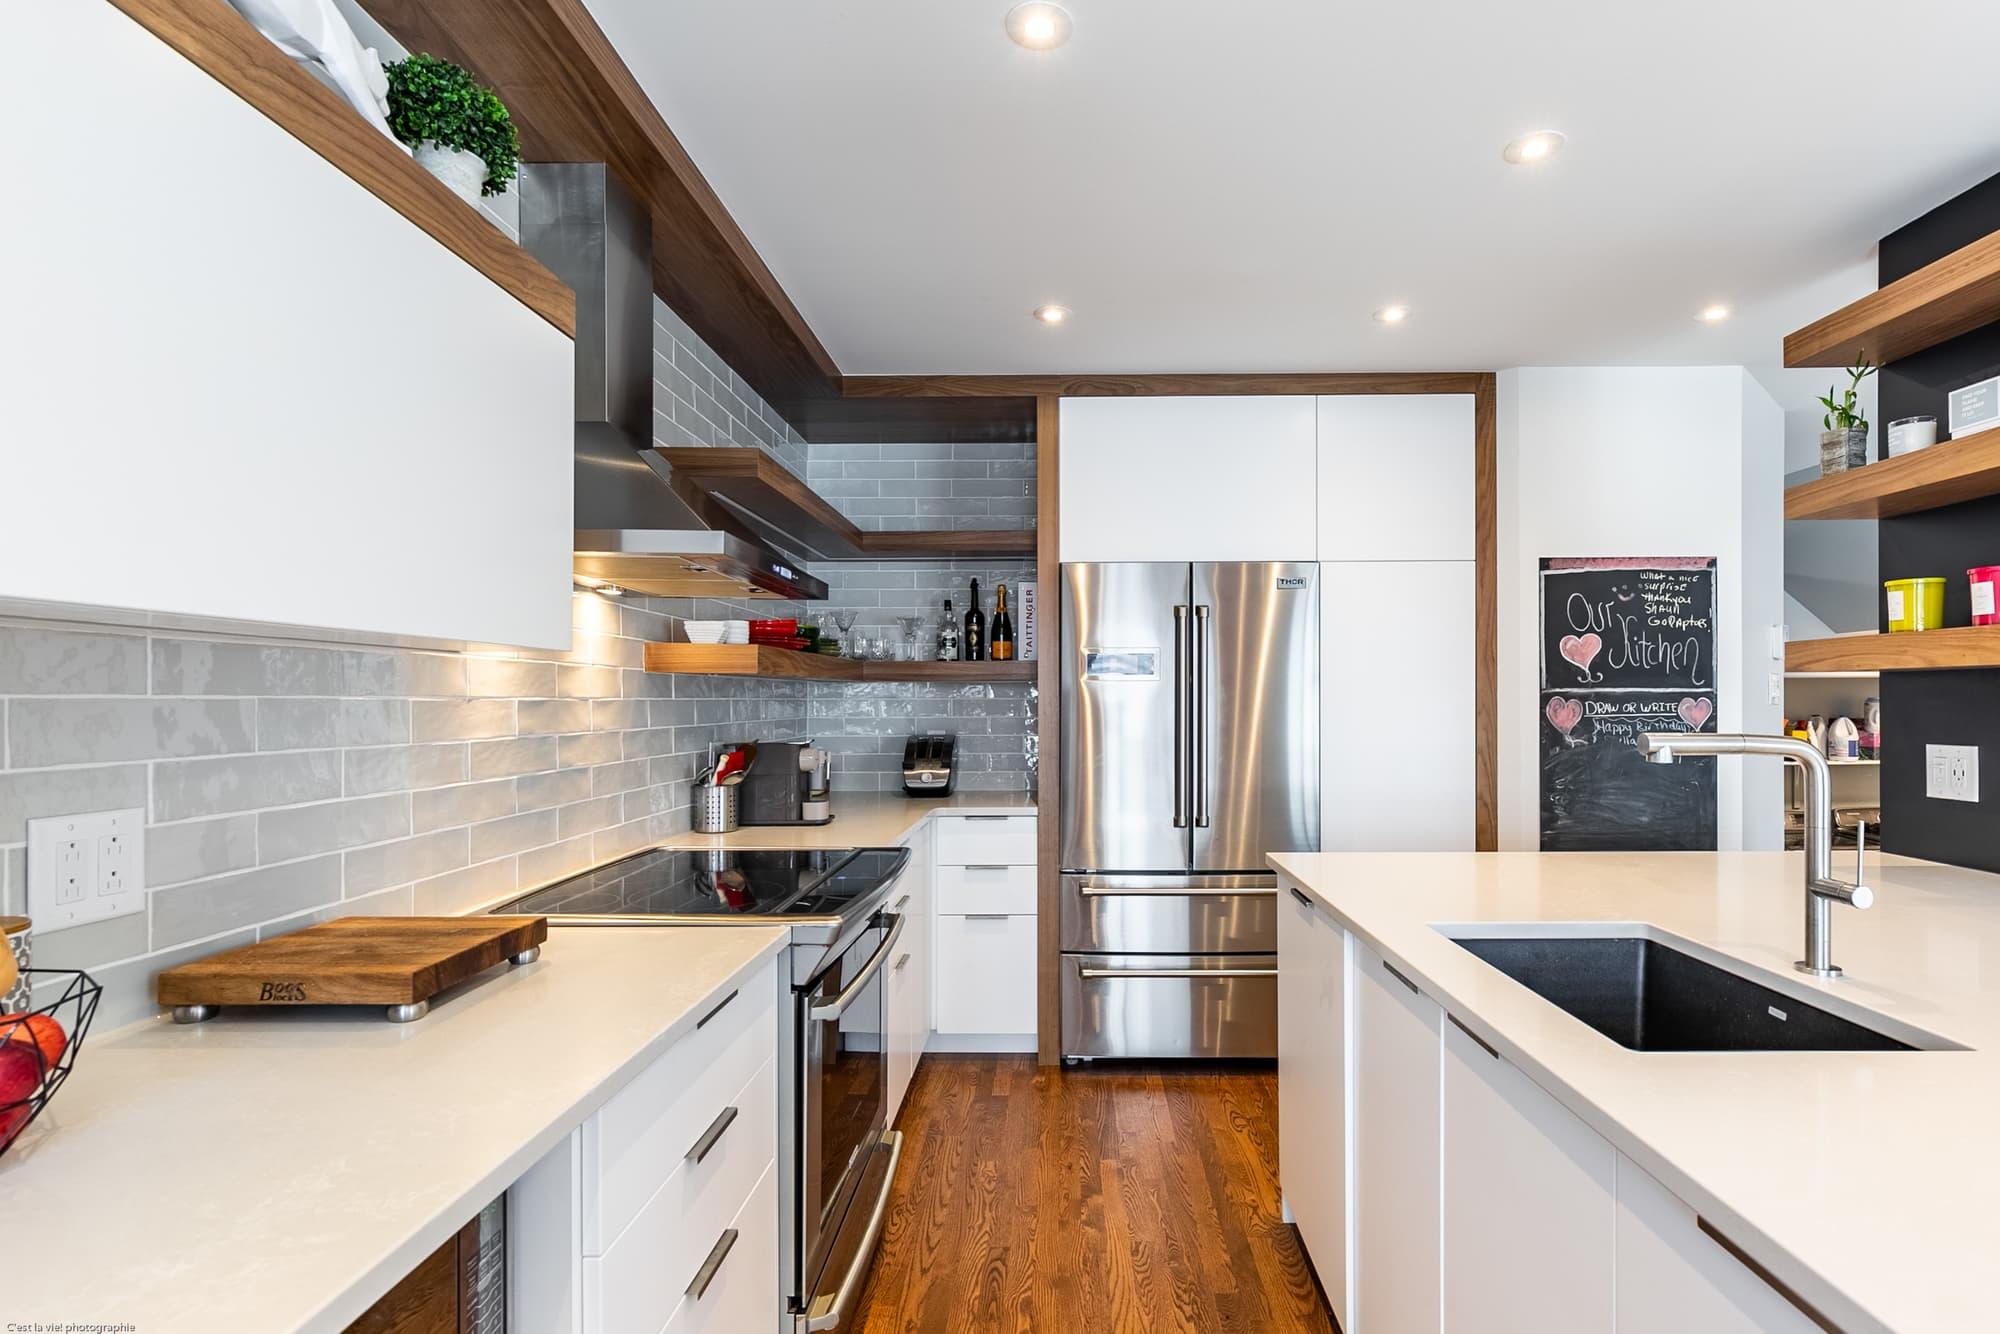 cuisine contemporaine blanche avec tablettes ouvertes et plancher en bois franc